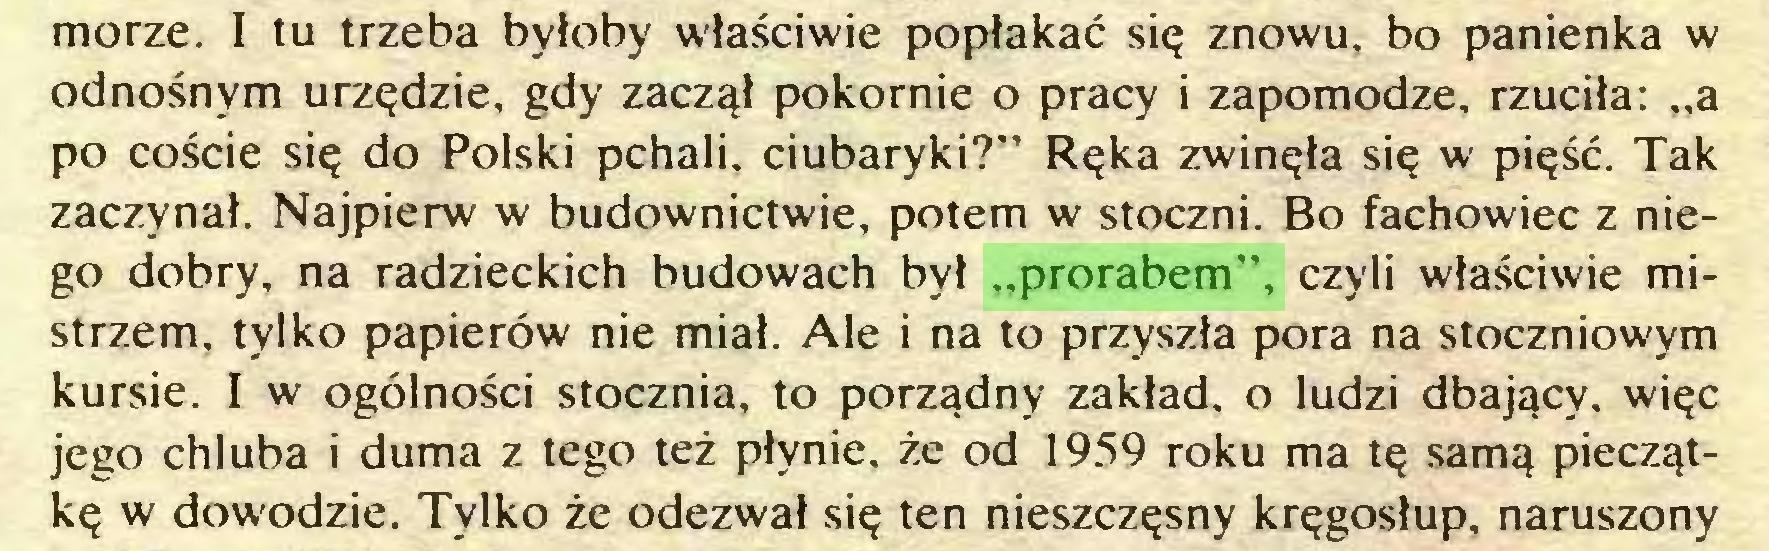 """(...) morze. I tu trzeba byłoby właściwie popłakać się znowu, bo panienka w odnośnym urzędzie, gdy zaczął pokornie o pracy i zapomodze, rzuciła: """"a po coście się do Polski pchali, ciubaryki?"""" Ręka zwinęła się w pięść. Tak zaczynał. Najpierw w budownictwie, potem w stoczni. Bo fachowiec z niego dobry, na radzieckich budowach był """"prorabem"""", czyli właściwie mistrzem, tylko papierów nie miał. Ale i na to przyszła pora na stoczniowym kursie. I w ogólności stocznia, to porządny zakład, o ludzi dbający, więc jego chluba i duma z tego też płynie, że od 1959 roku ma tę samą pieczątkę w dowodzie. Tylko że odezwał się ten nieszczęsny kręgosłup, naruszony..."""